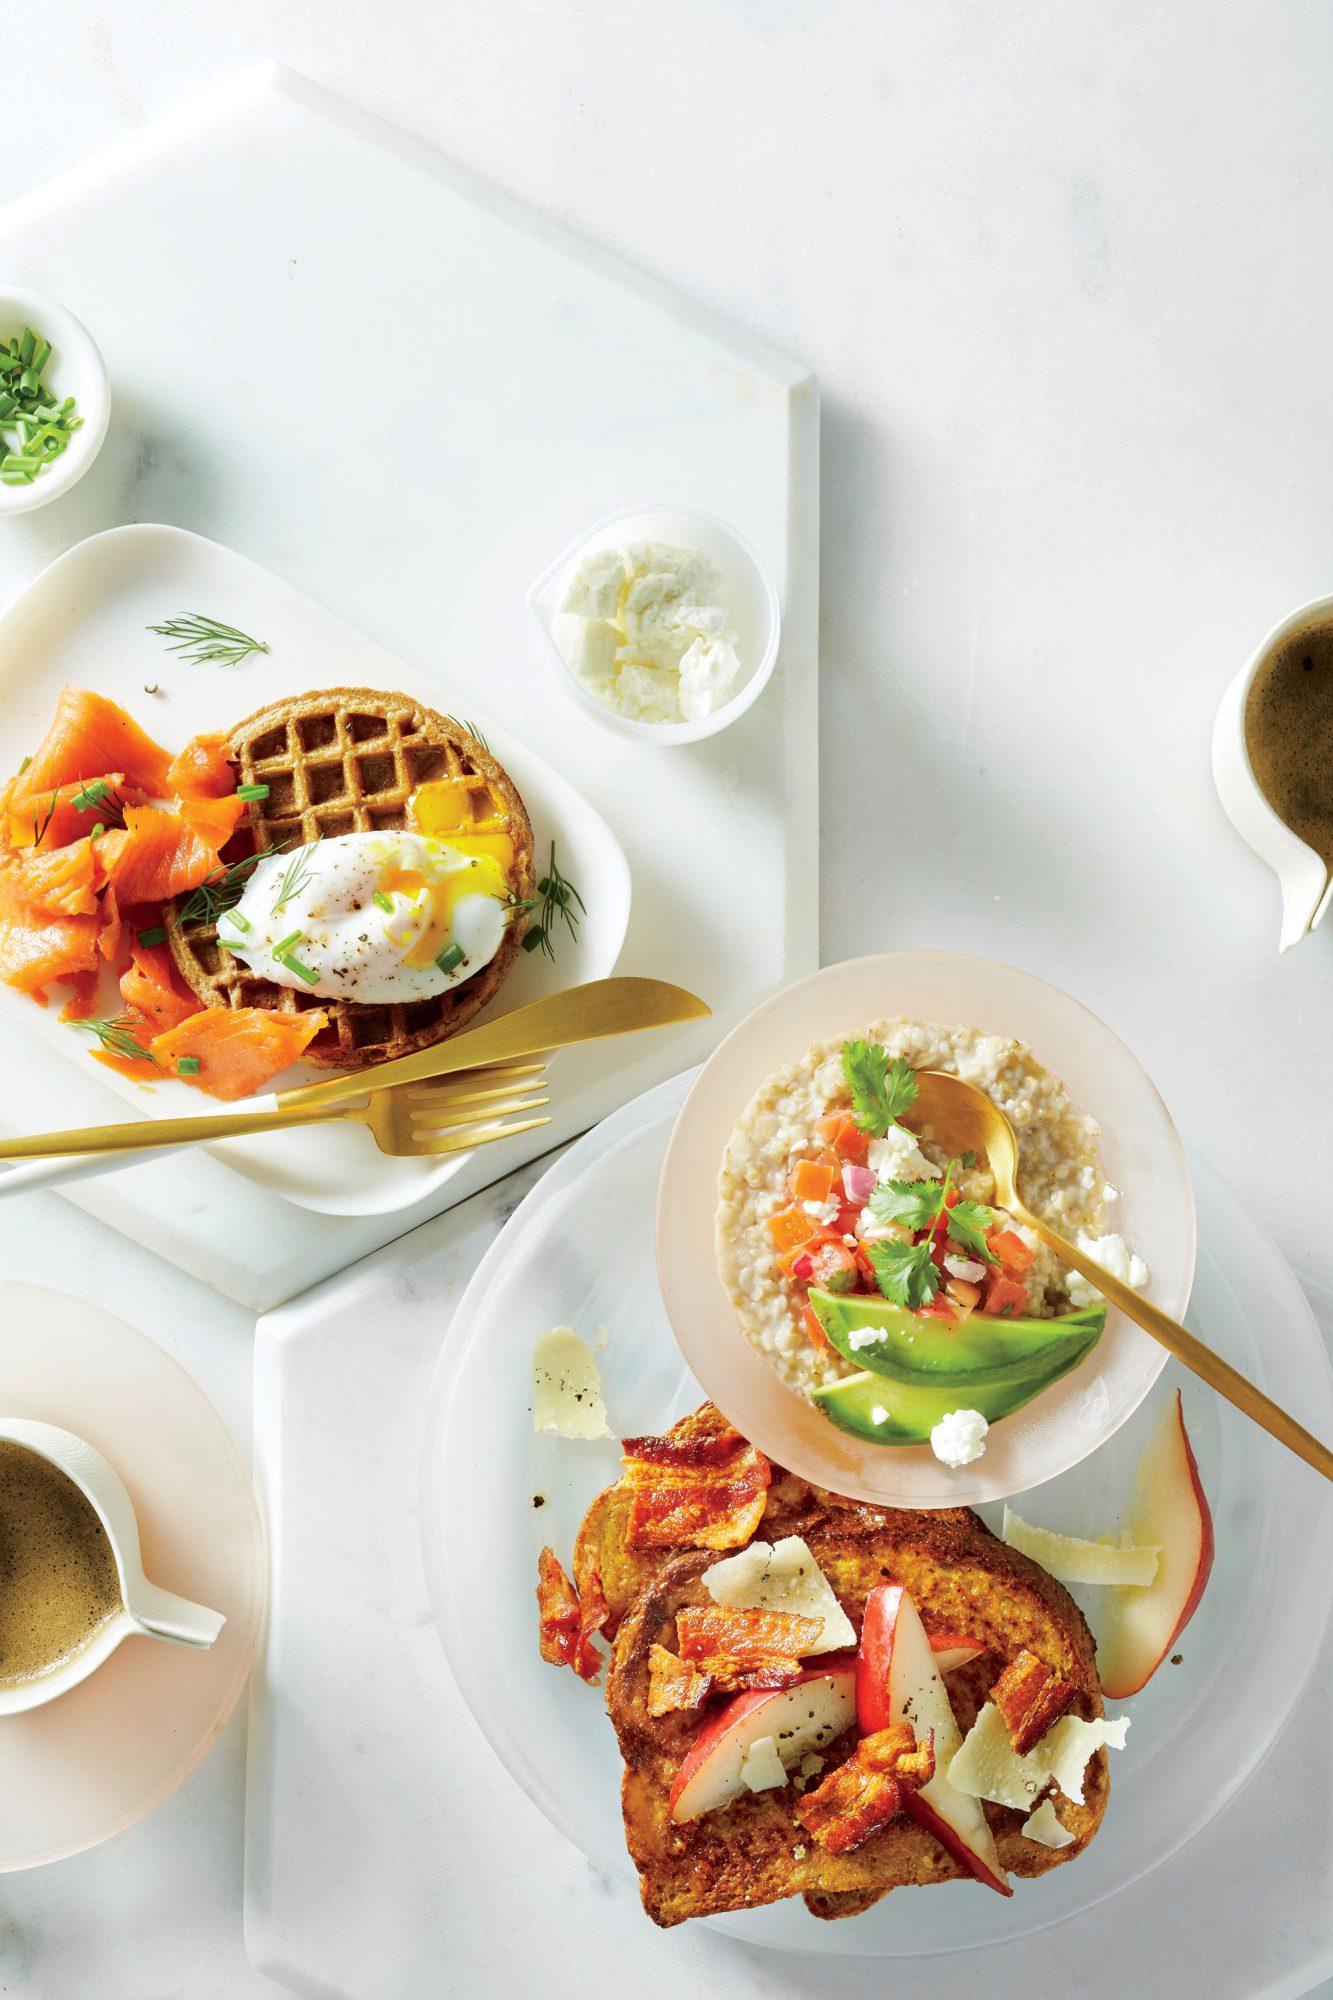 Egg and Nova Whole-Grain Waffle